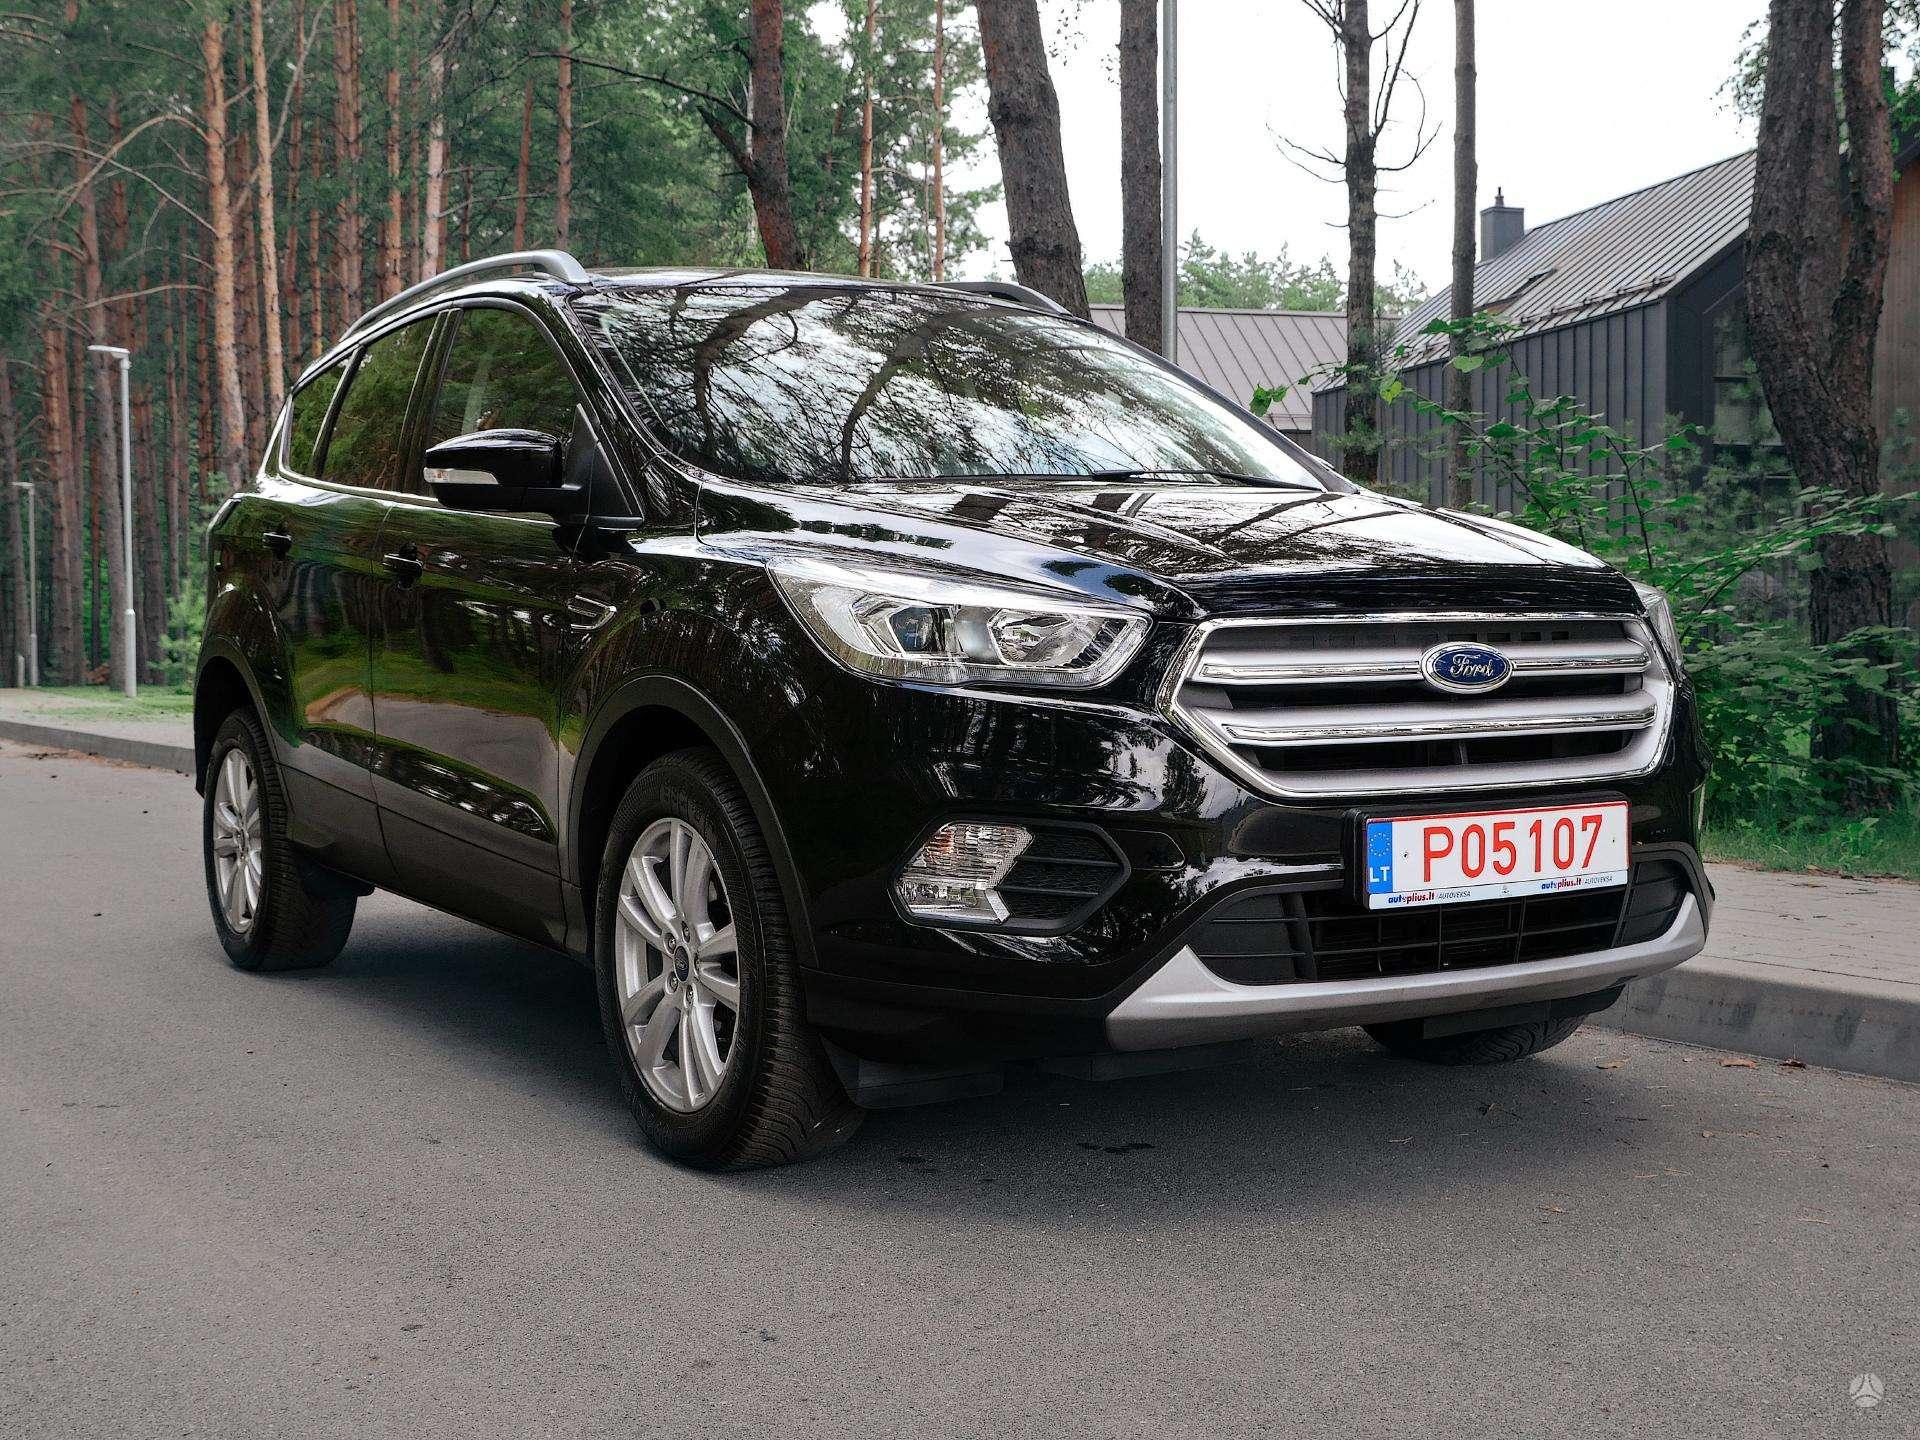 Ford Kuga išsimokėtinai nuo 298Eur/Mėn su 3 mėnesių garantija